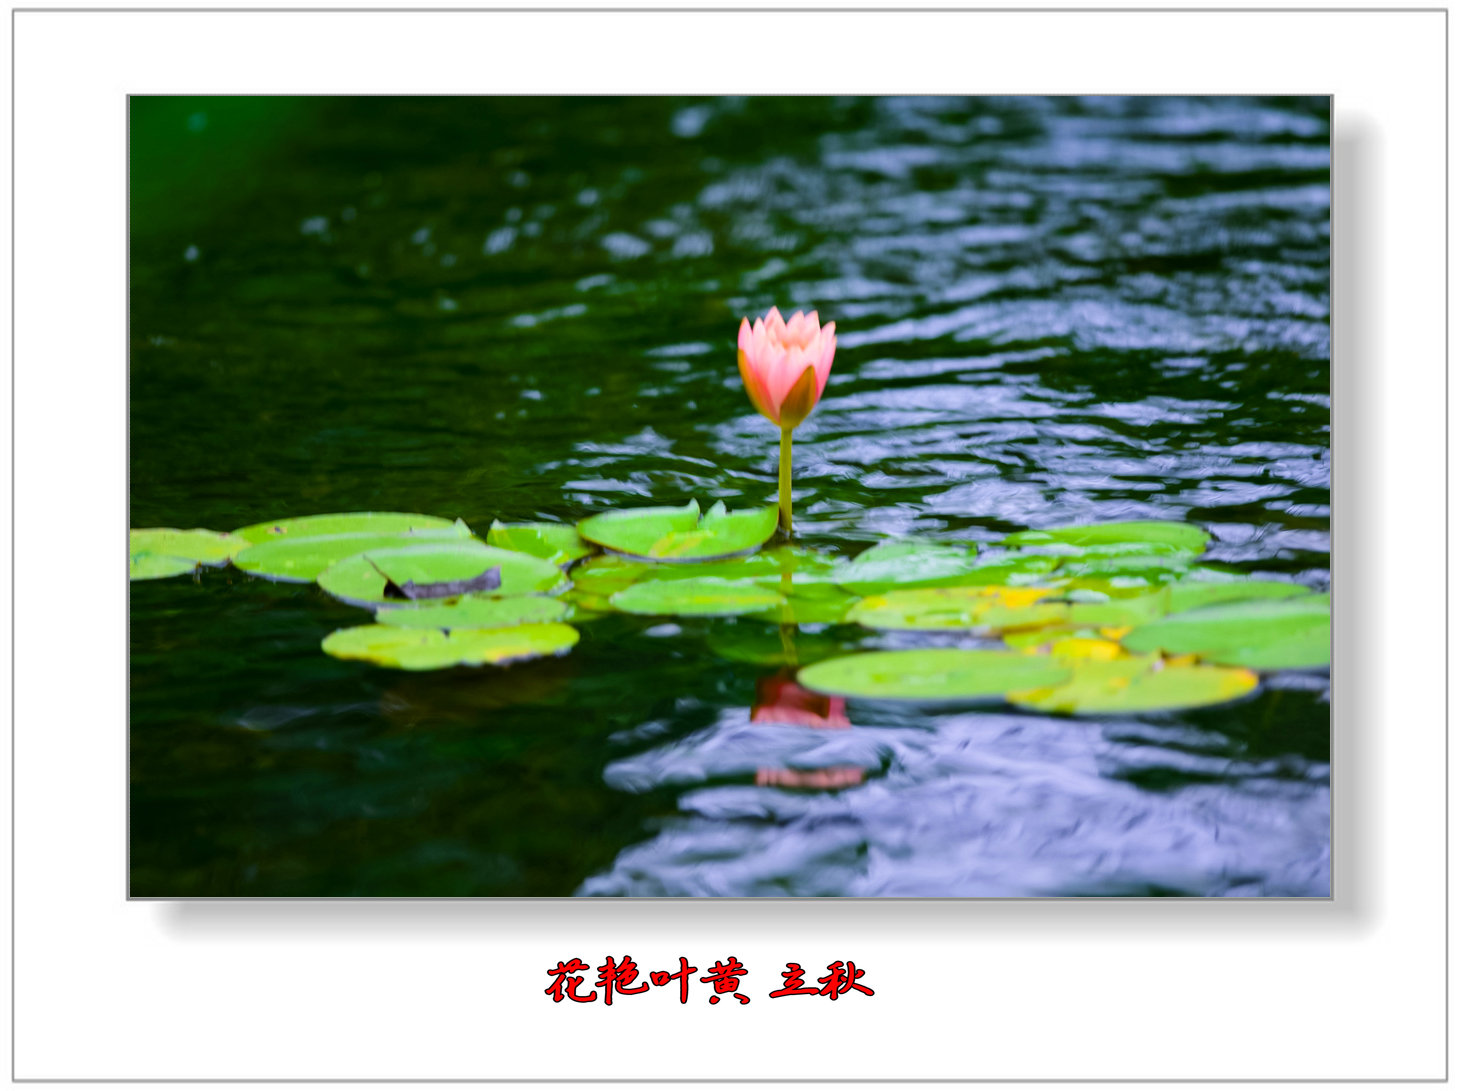 花艳叶黄 立秋